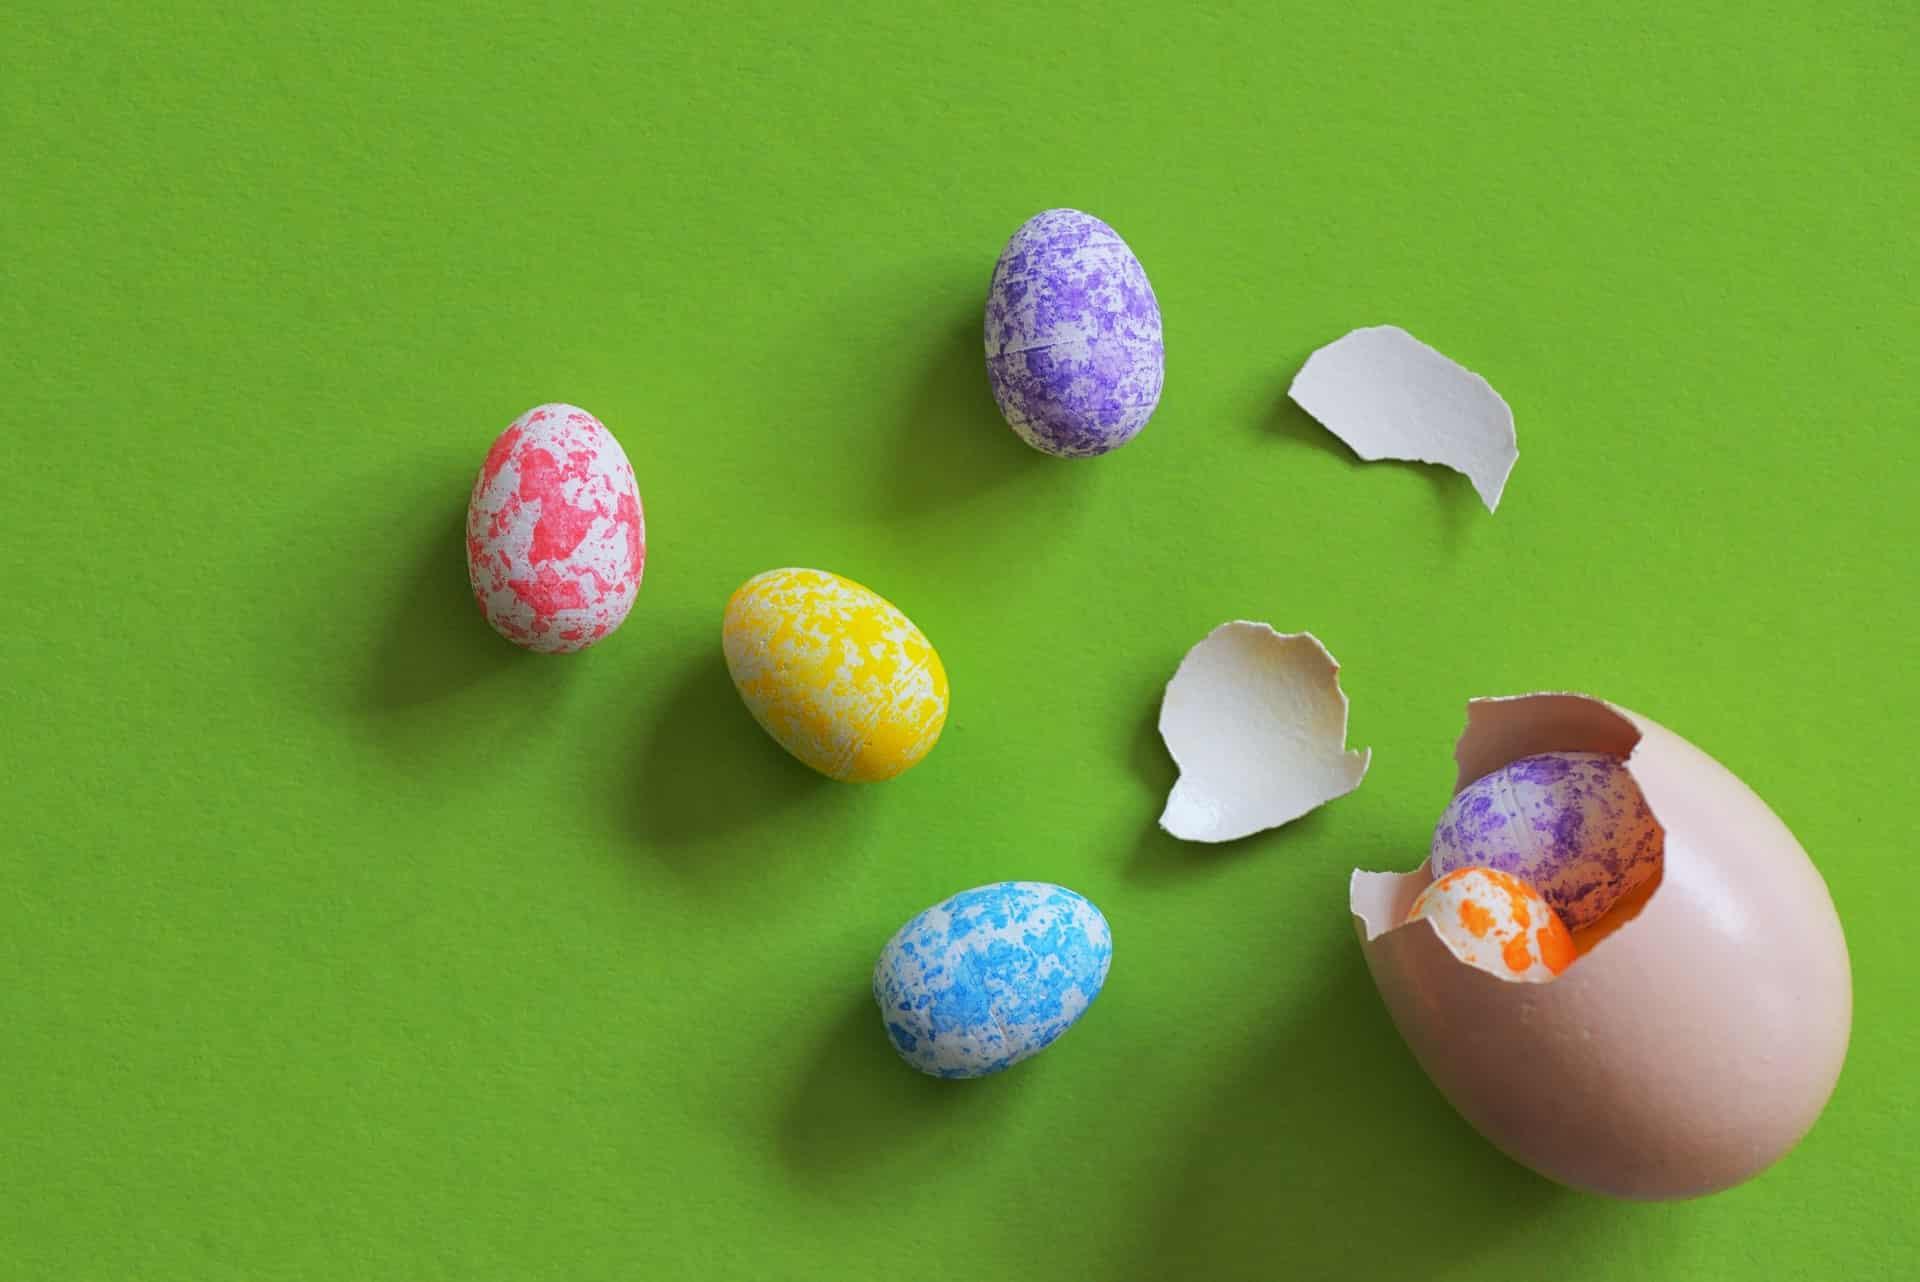 Ovinhos decorados também fazem parte da Páscoa – que com o ovo de chocolate no pote ganha novos ares.